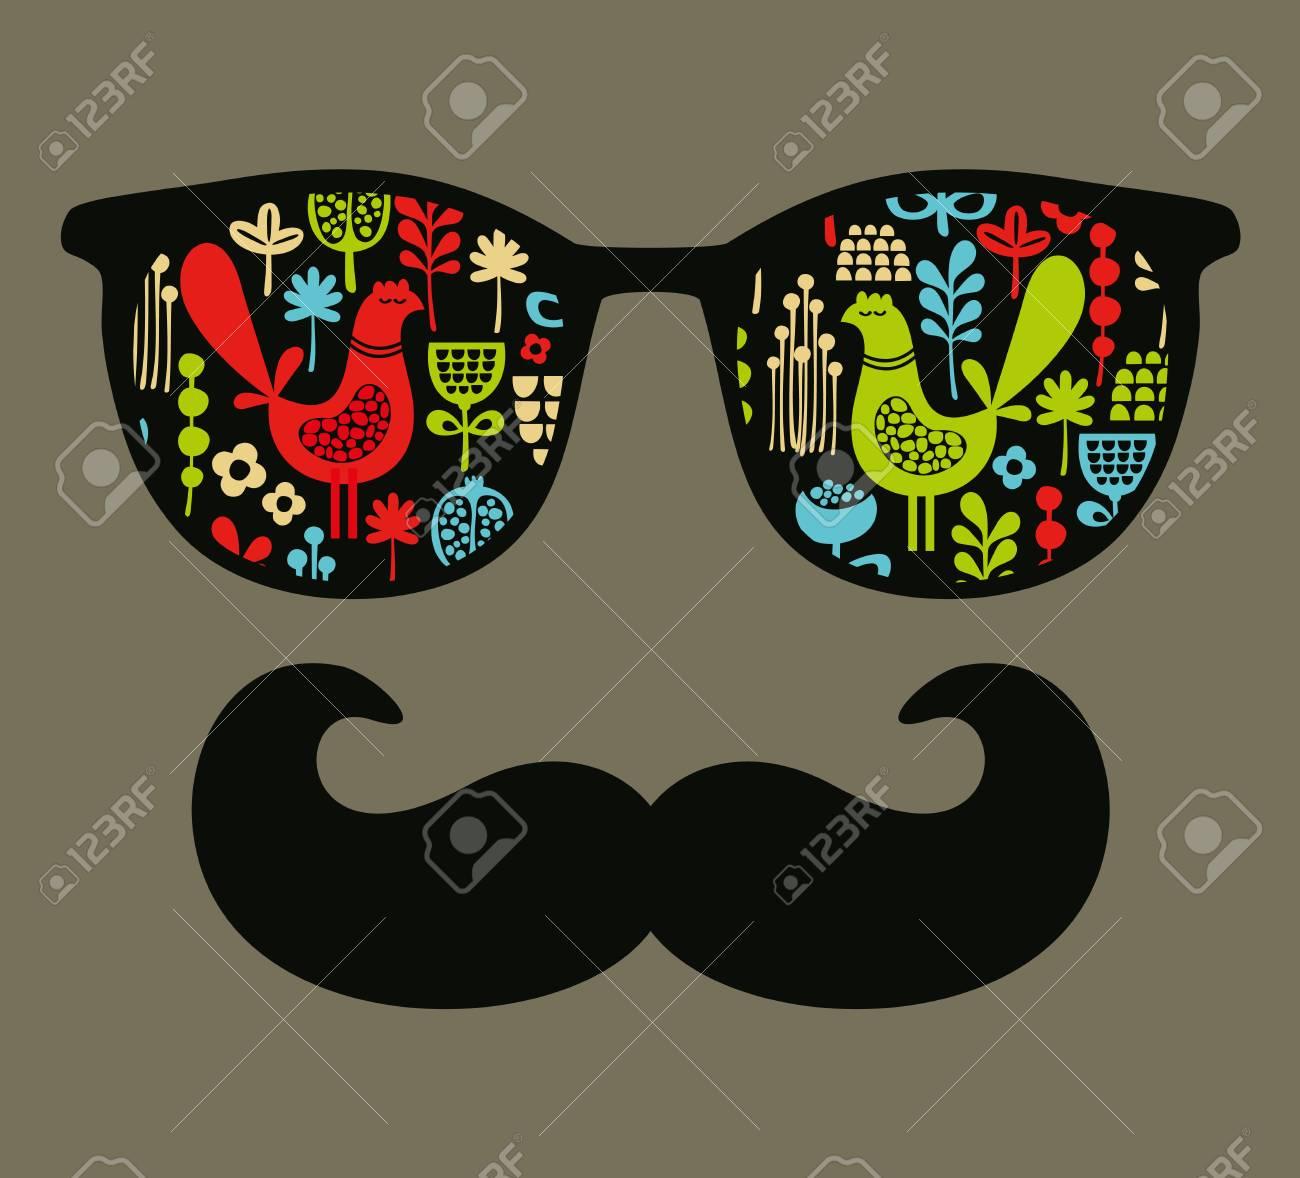 fb482520065a72 Retro Sonnenbrille mit Reflexion für Hipster. Vektor-Illustration von  Zubehör - Brillen isoliert.